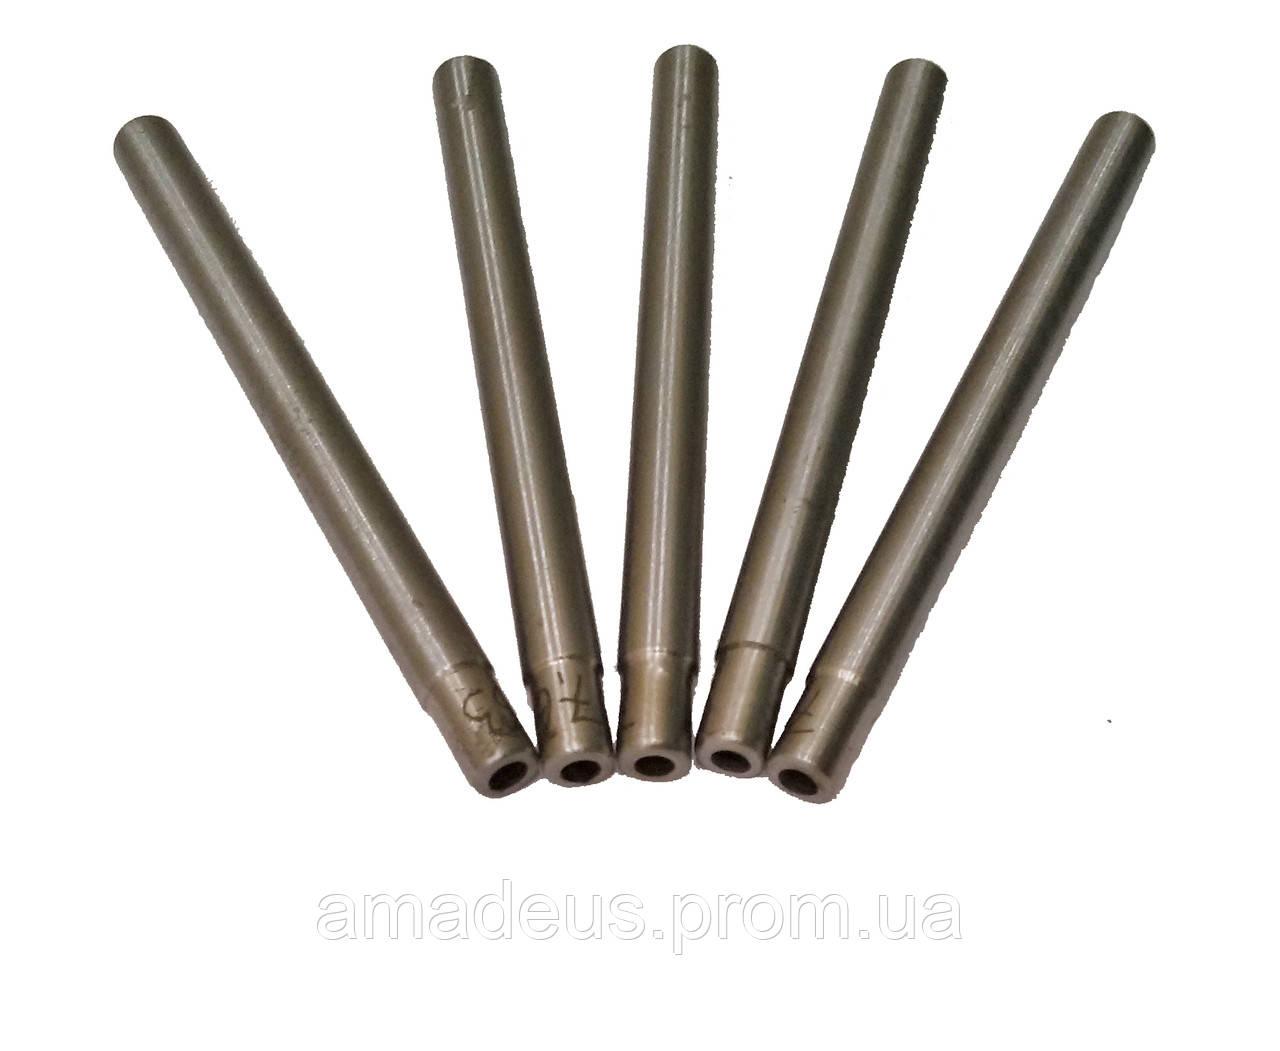 Набір калібрів 7,62 / Набор промерочных калибров 7,62 (Варіант 1)